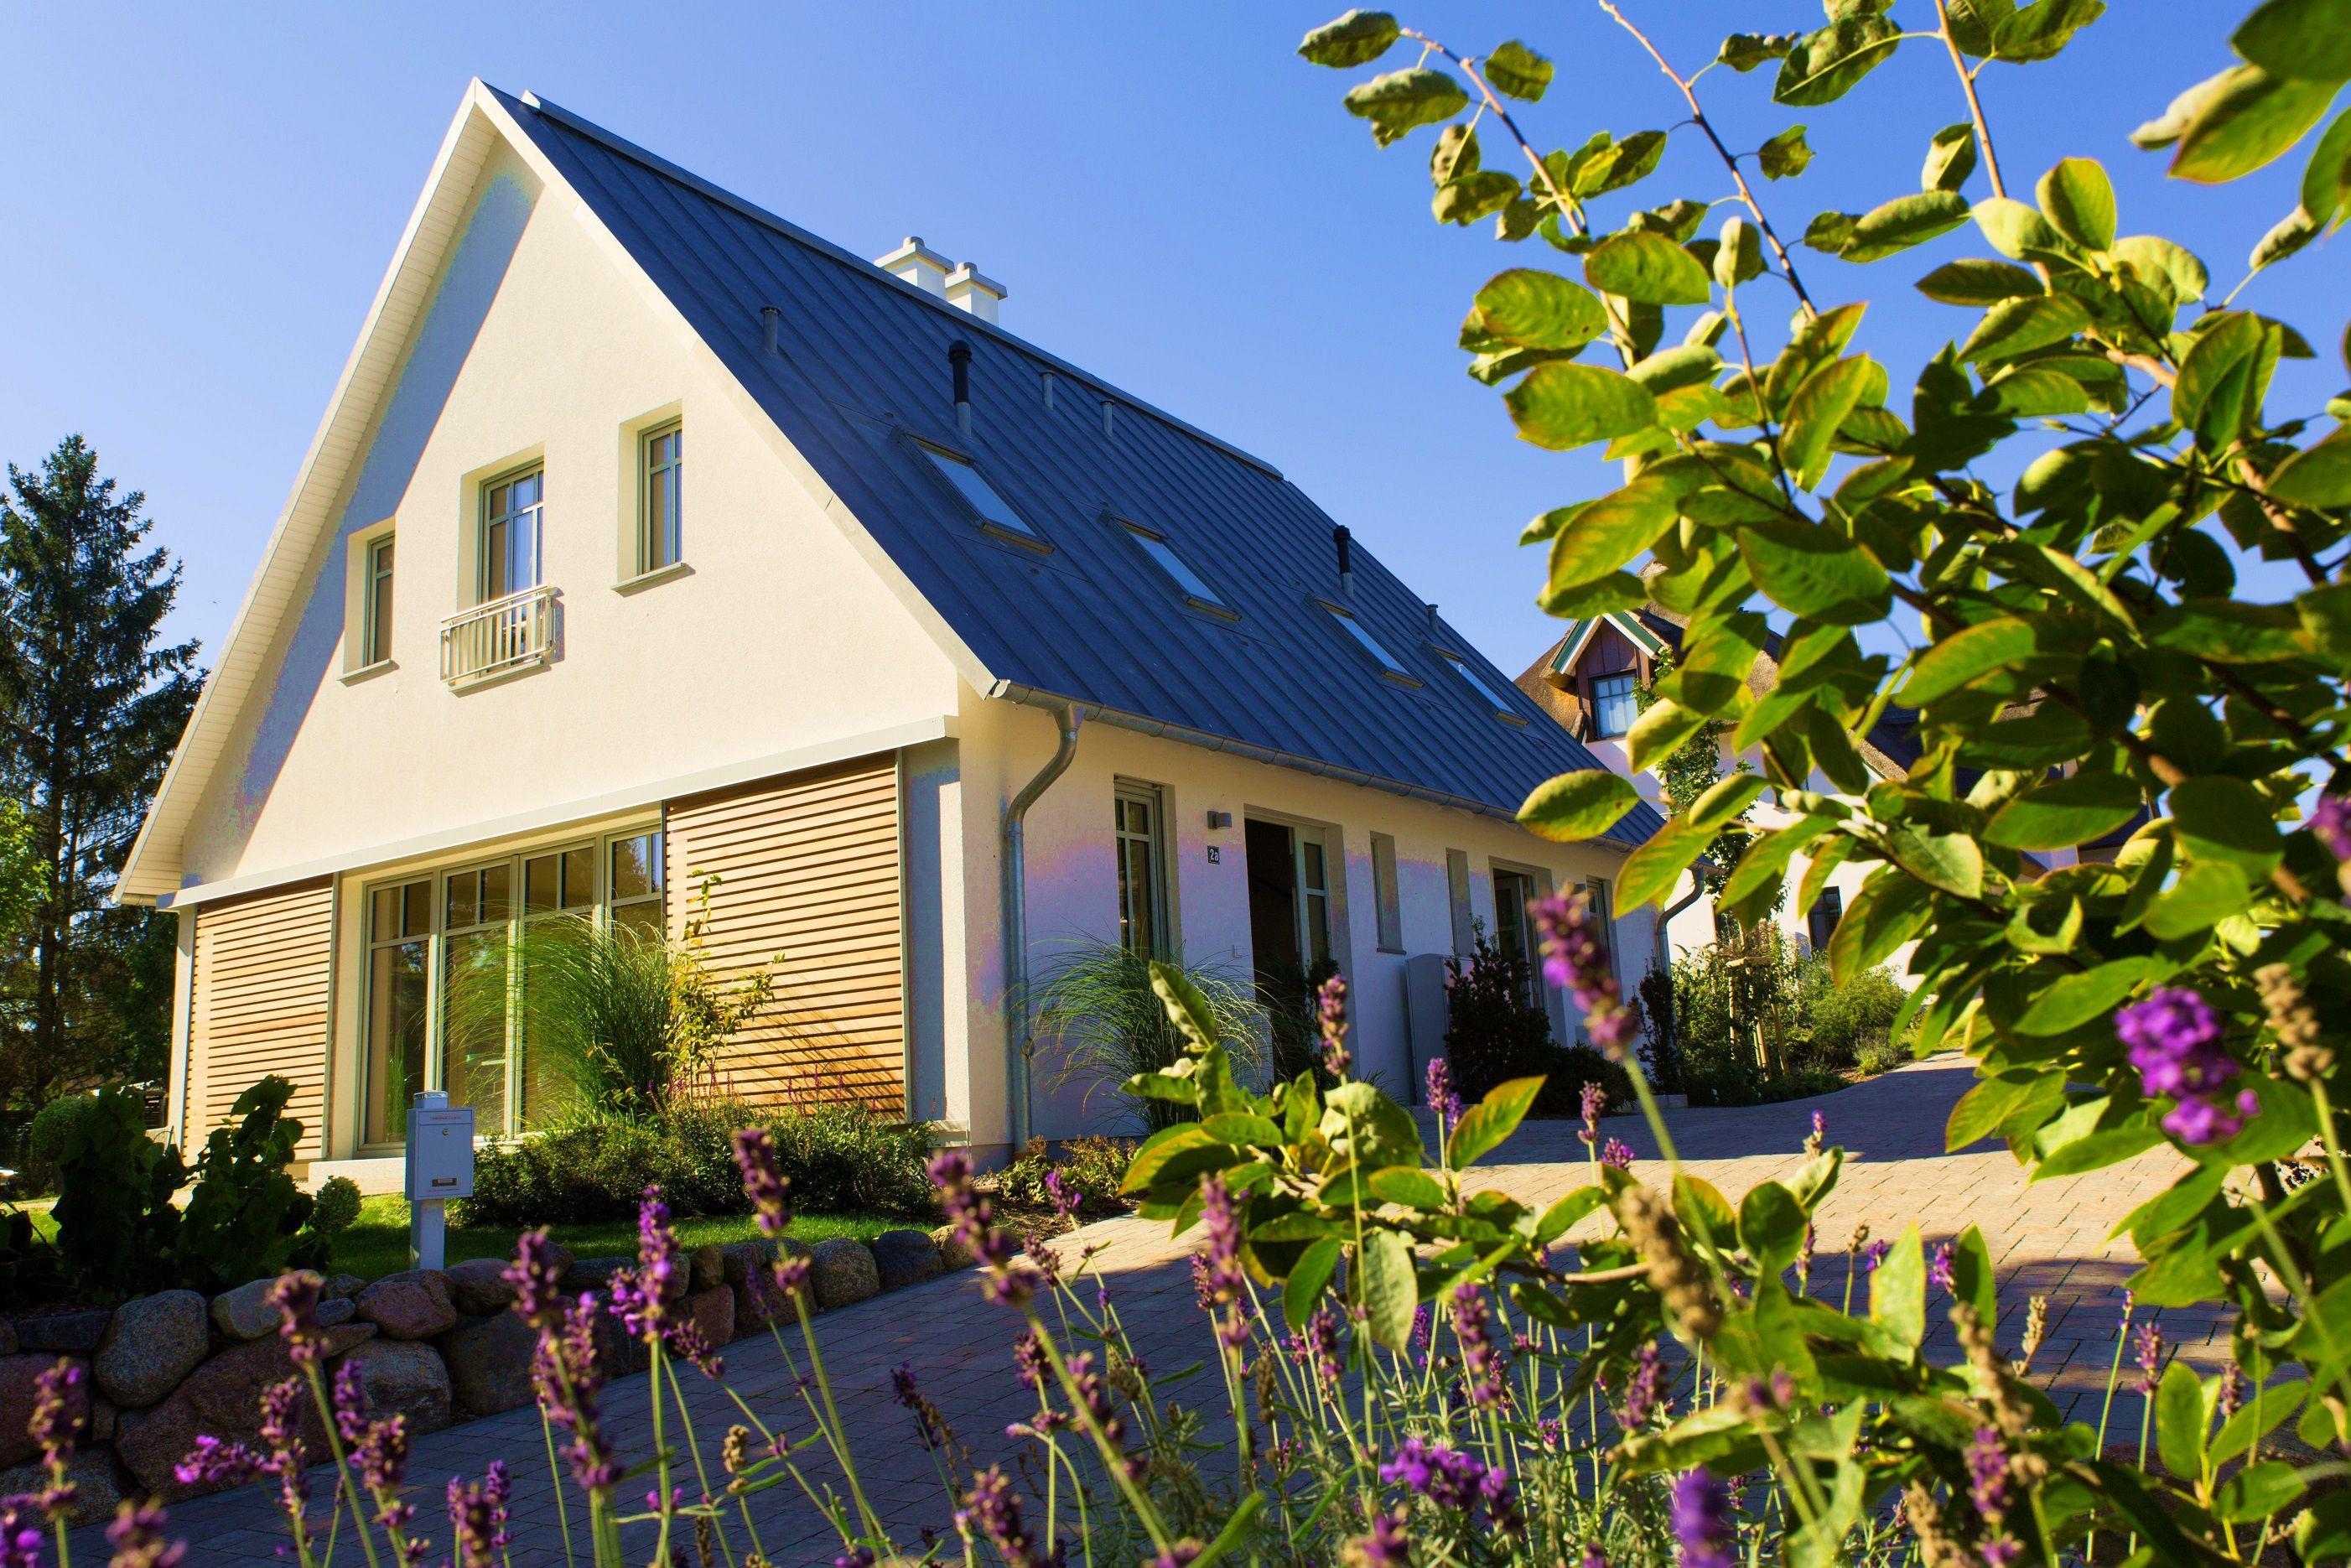 Luxus Ferienhaus 2 Doppelhaushälften für 6 Personen in